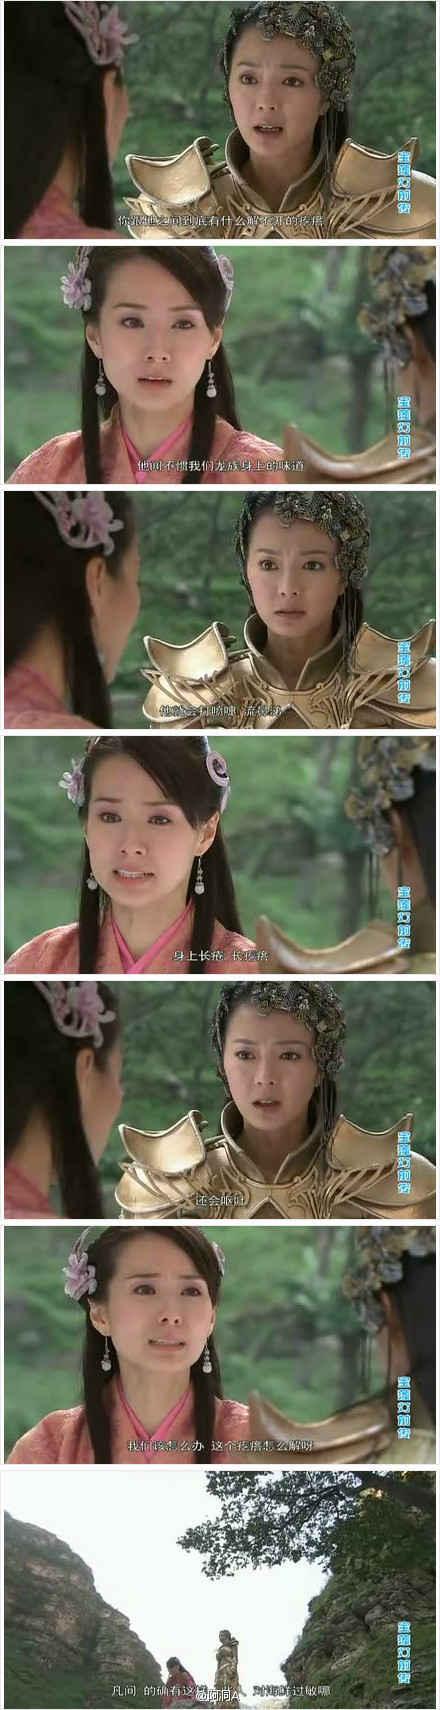 刚才为尽孝心陪着爹妈看了会儿《宝莲灯前传》。杨戬和西海三公主的爱情深深的感动我了!可是造物弄人啊……杨戬那么爱三公主,可是却不能和三公主在一起……因为……杨戬竟然……海!鲜!过!敏!!!!无敌编剧碉堡了!